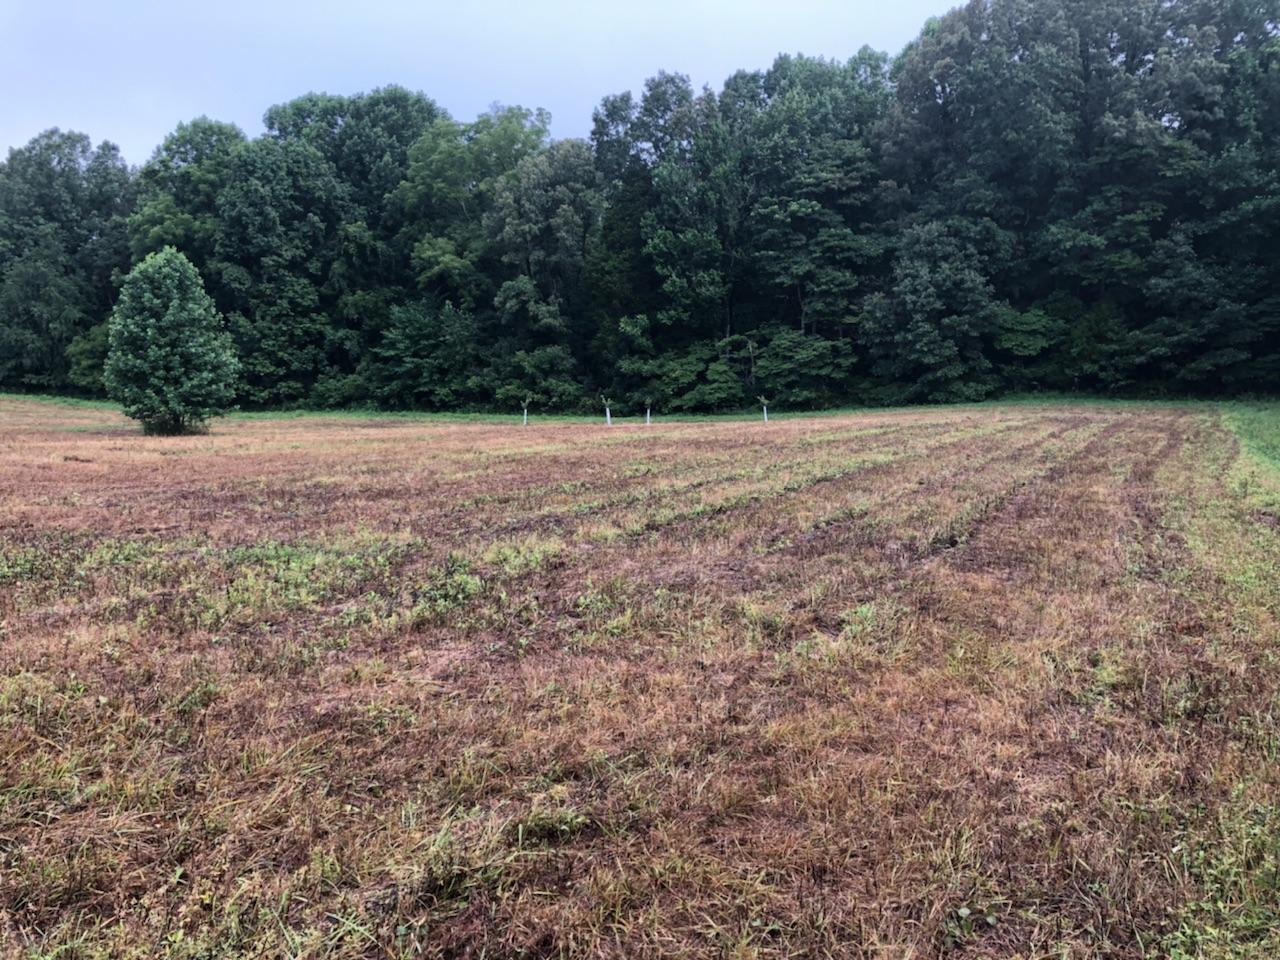 Field 1 7-21-18 (2).jpg